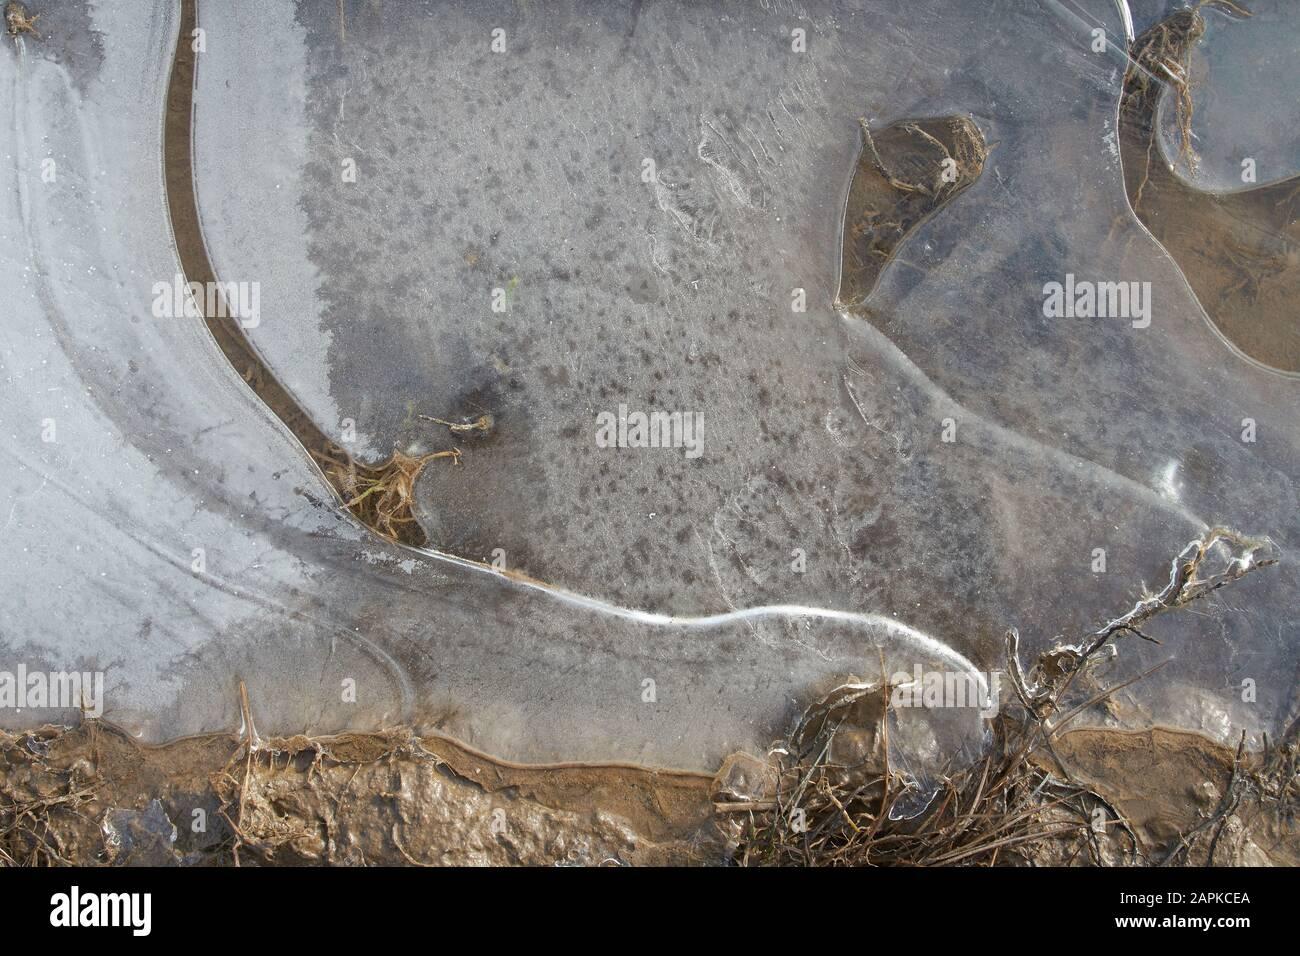 Hielo transparente fino en la superficie del charco Foto de stock